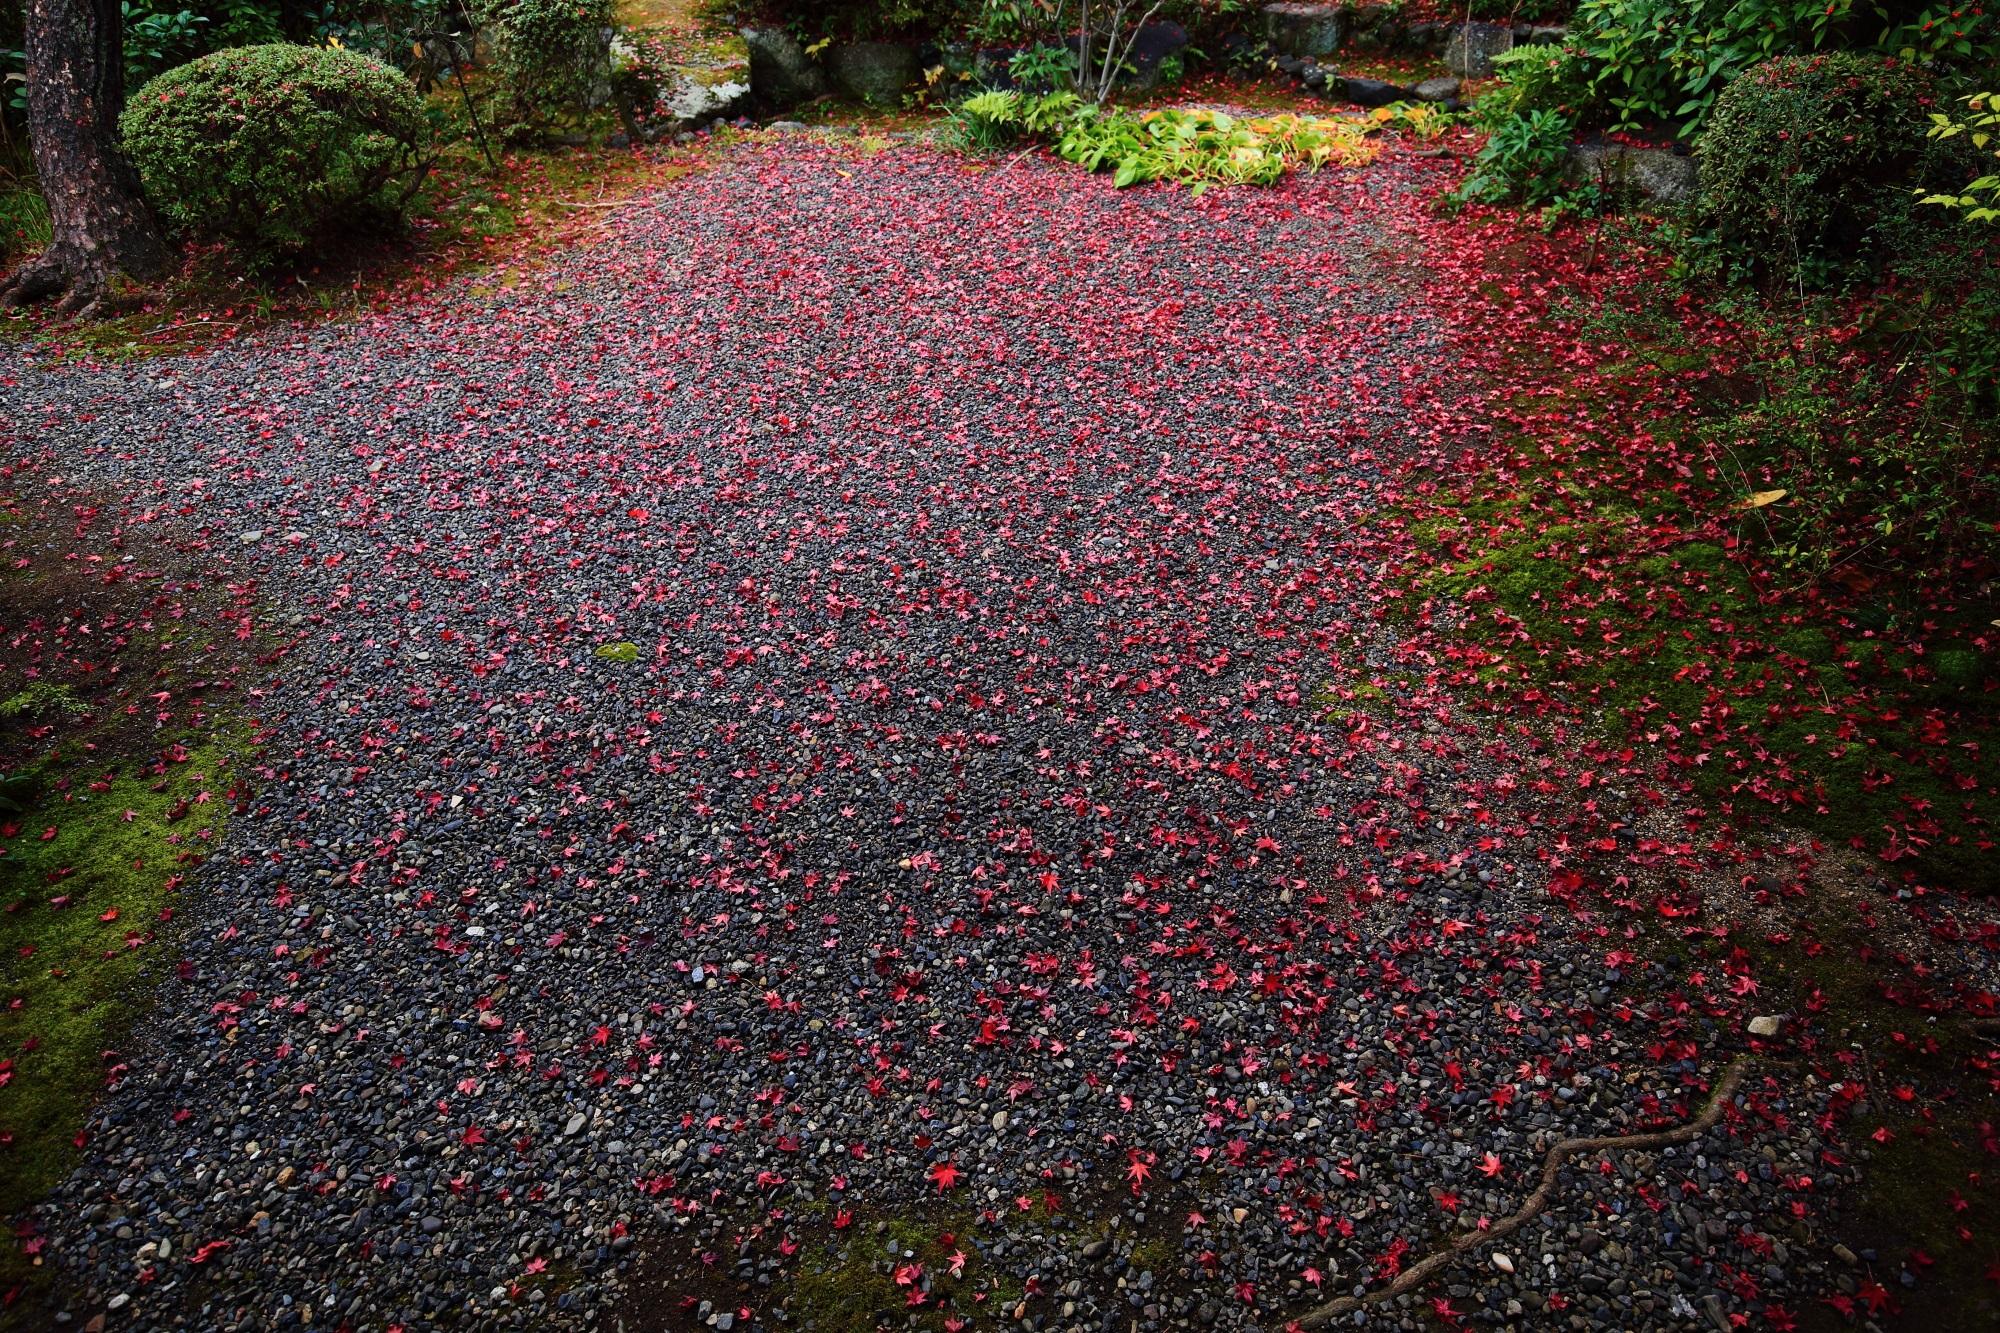 紅葉の名所の廬山寺の中庭の美しい散りもみじ